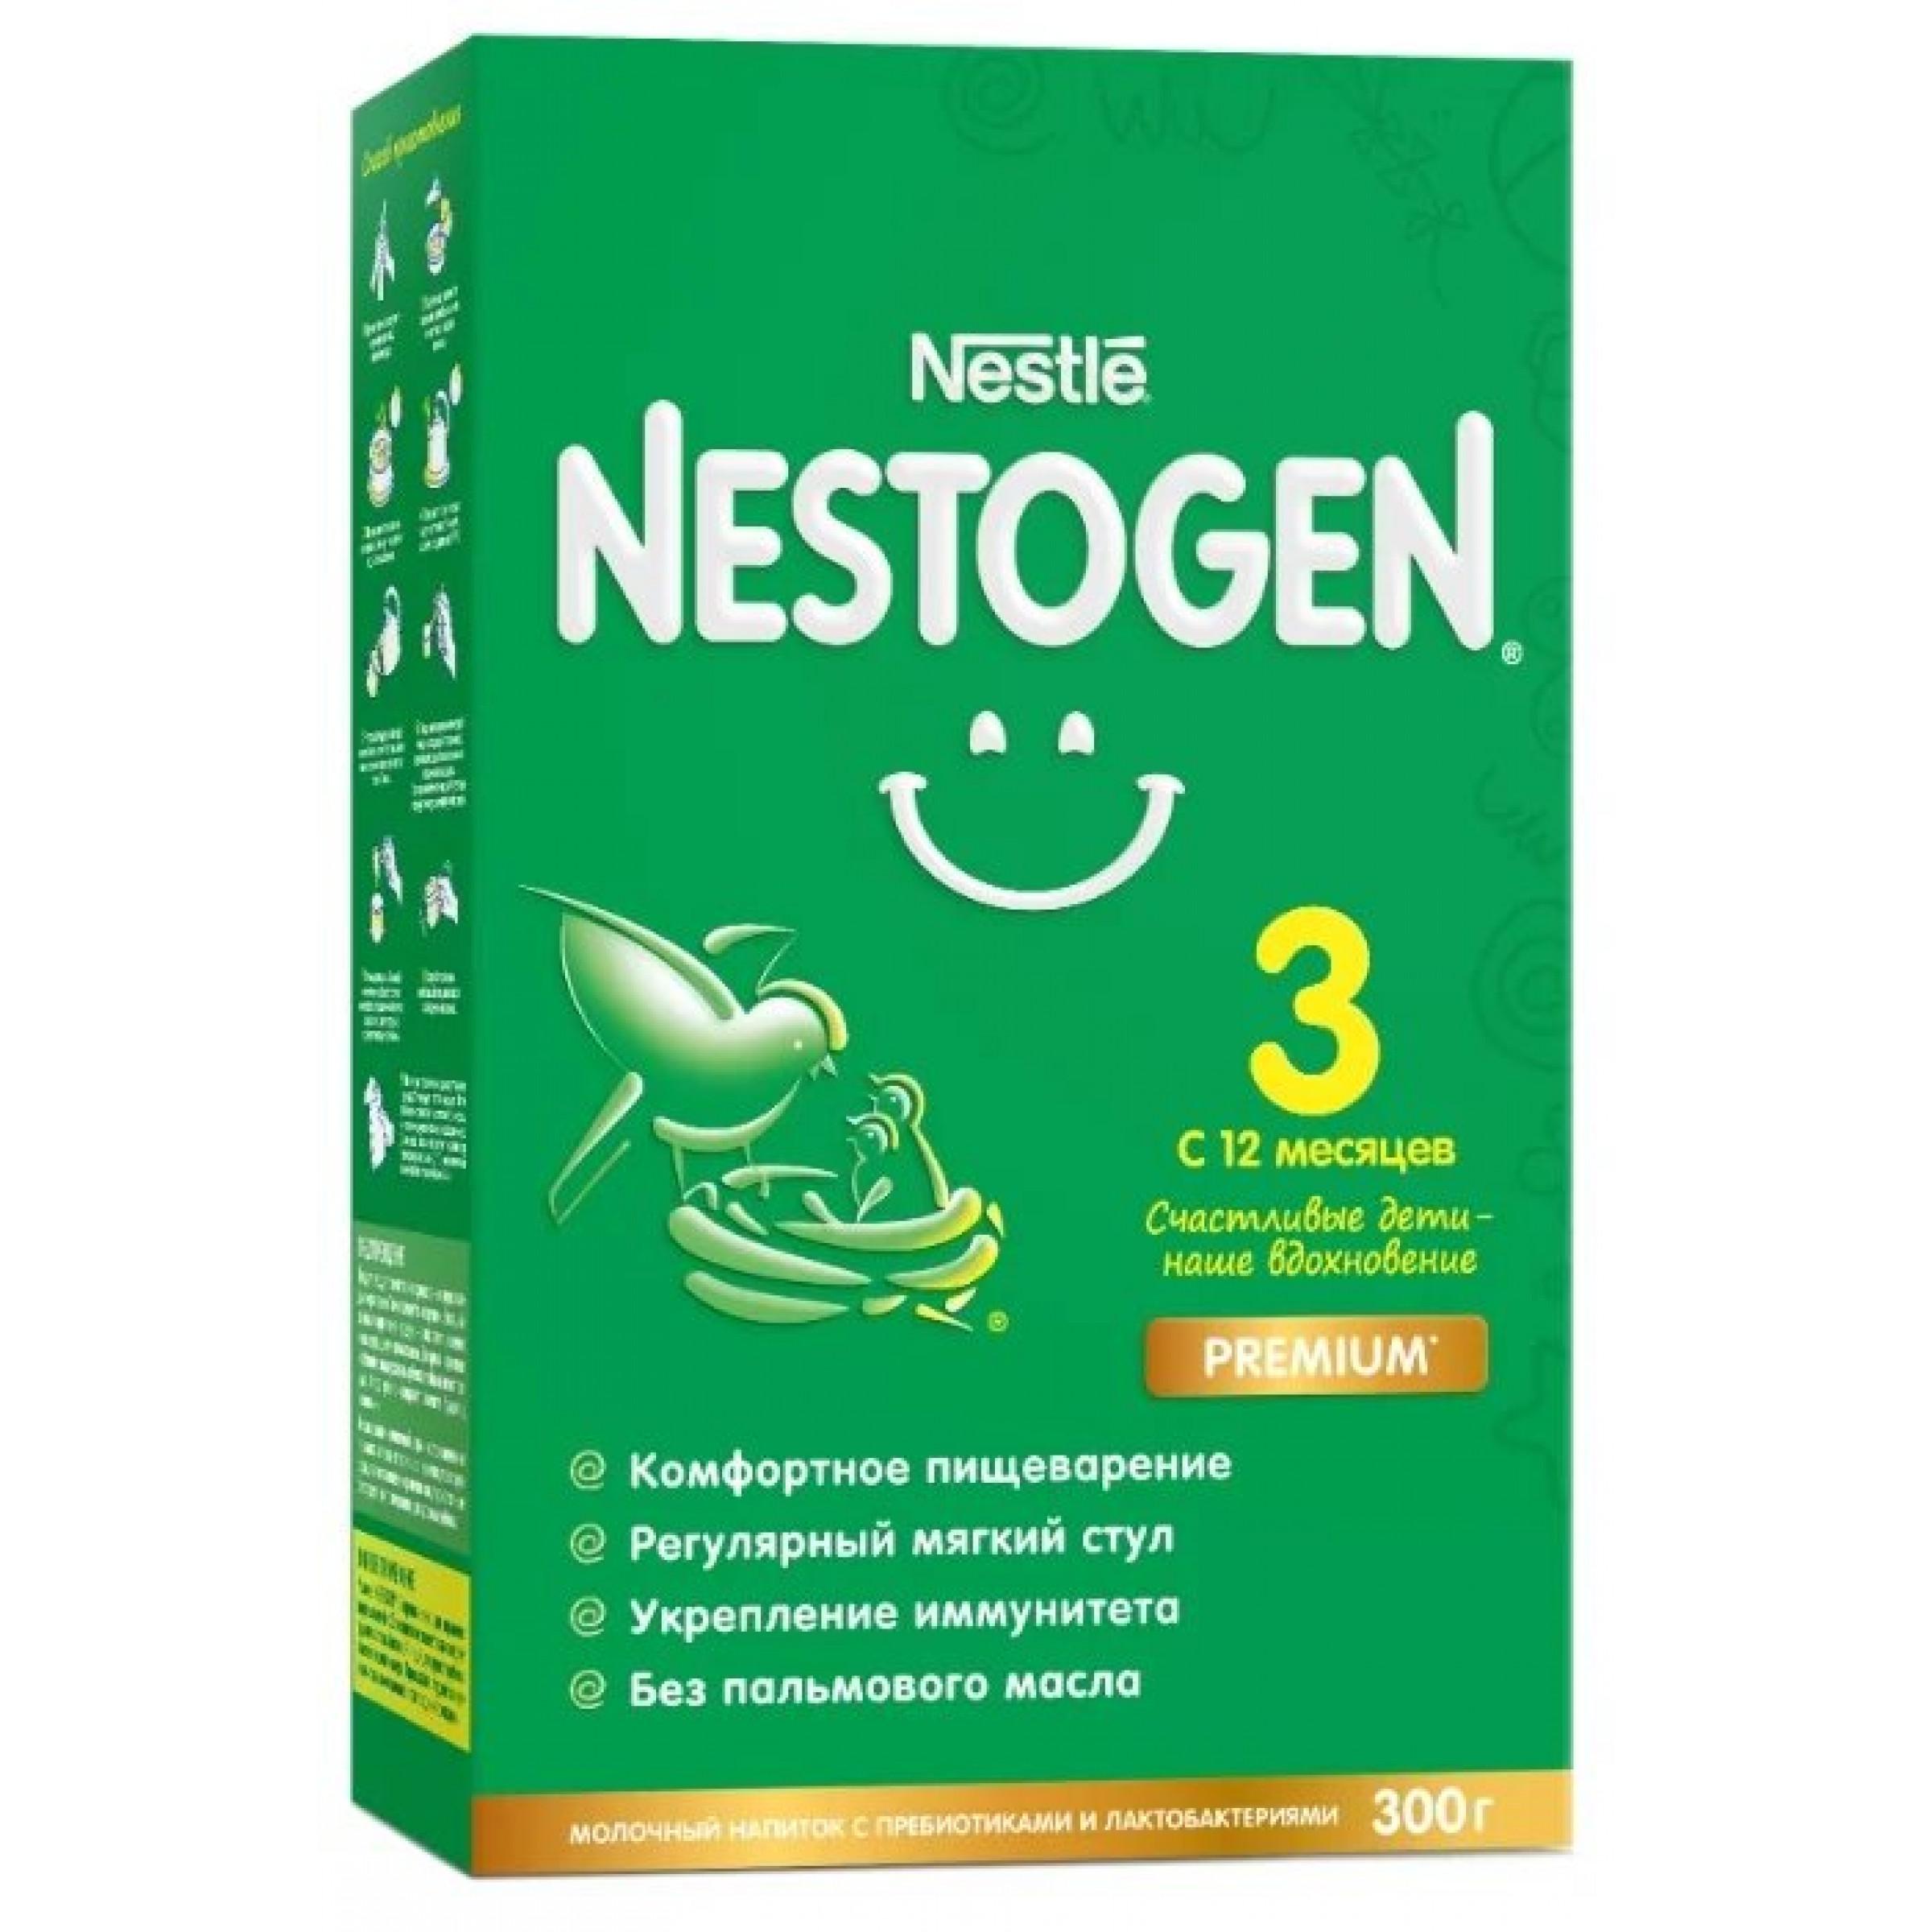 Смесь молочная с 12 месяцев Nestogen-3, 300 гр